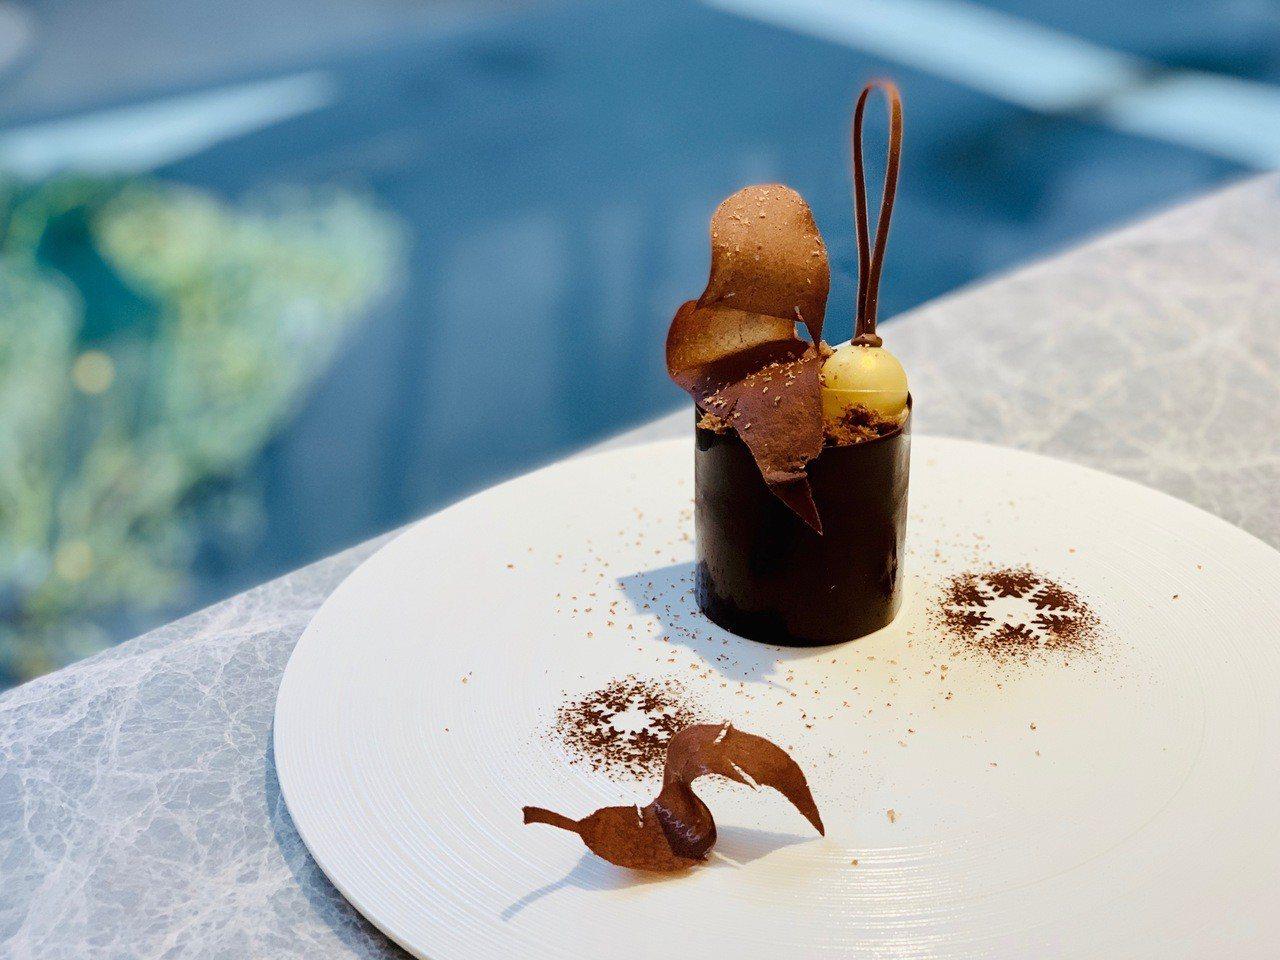 12月主廚創作款「金色聖誕酒漬櫻桃巧克力蛋糕」,售價330元。記者張芳瑜/攝影